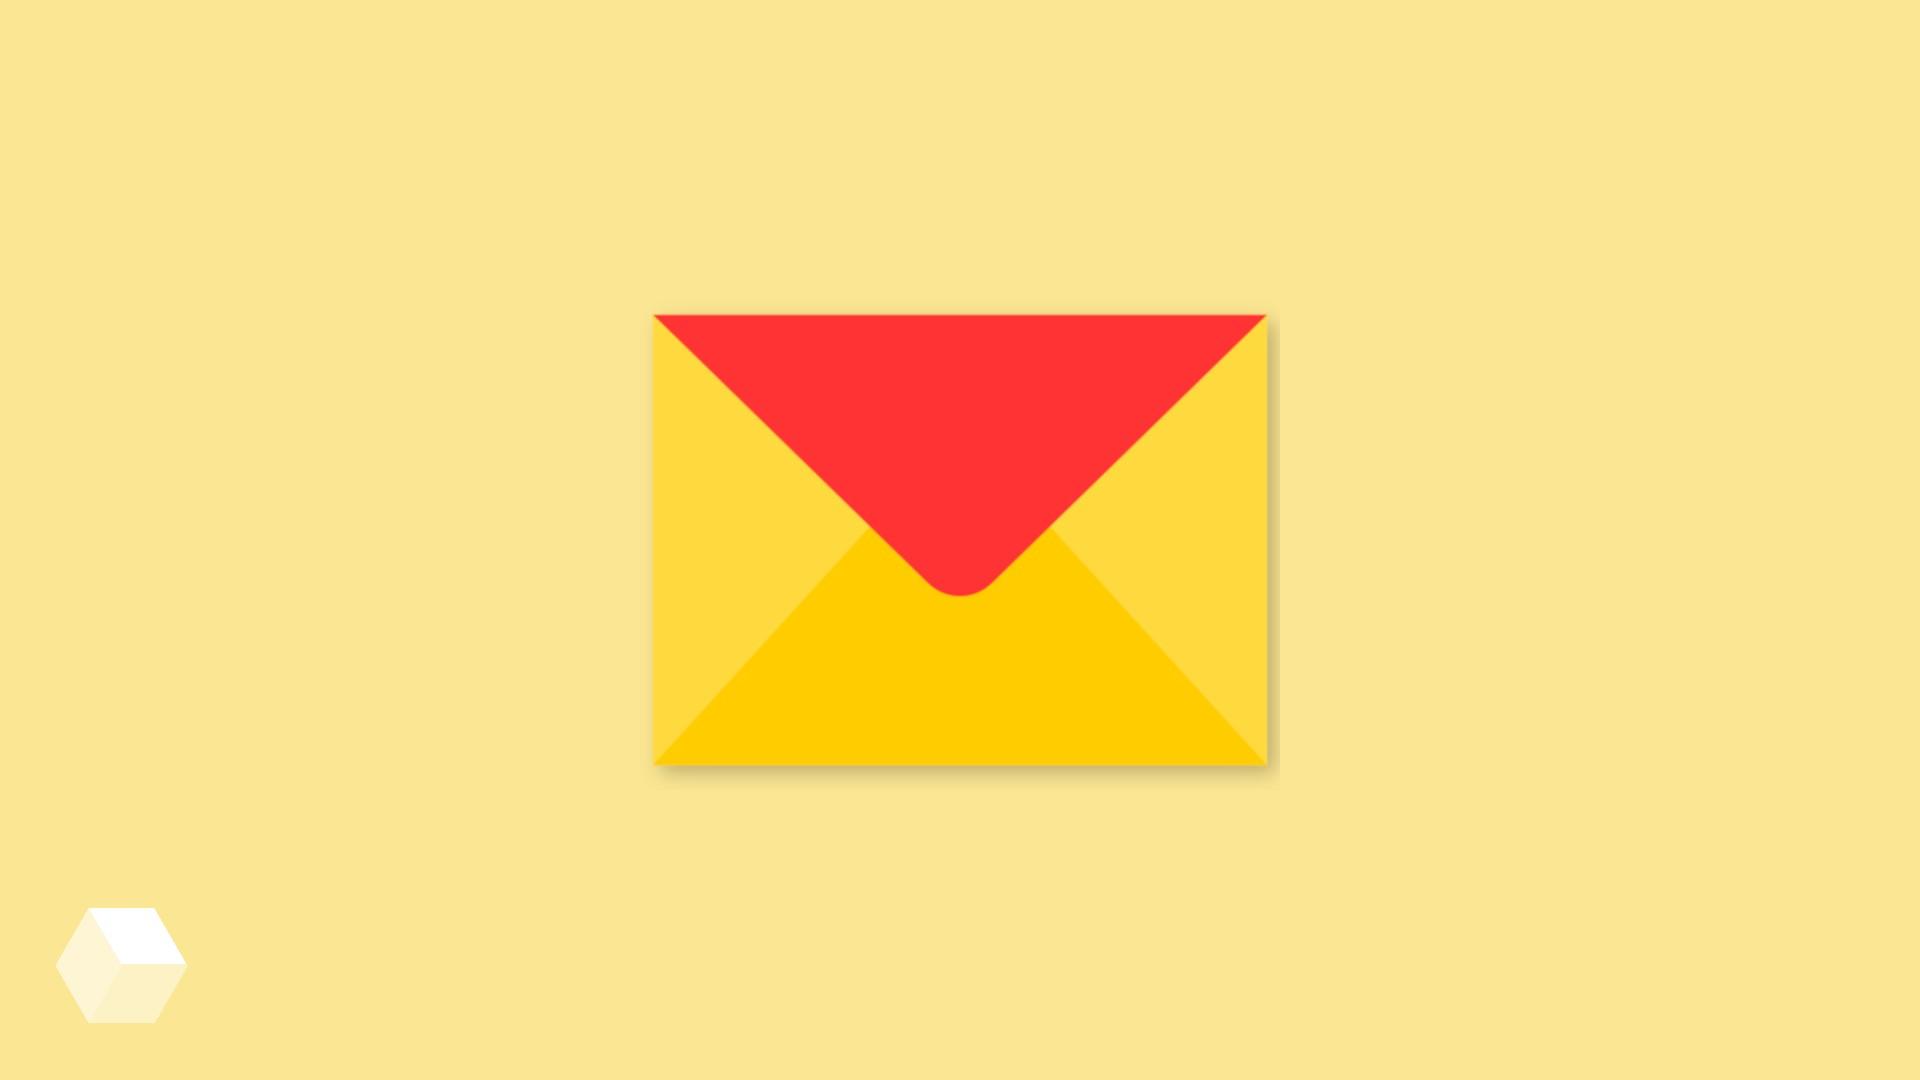 В работе «Яндекс.Почты» произошёл сбой